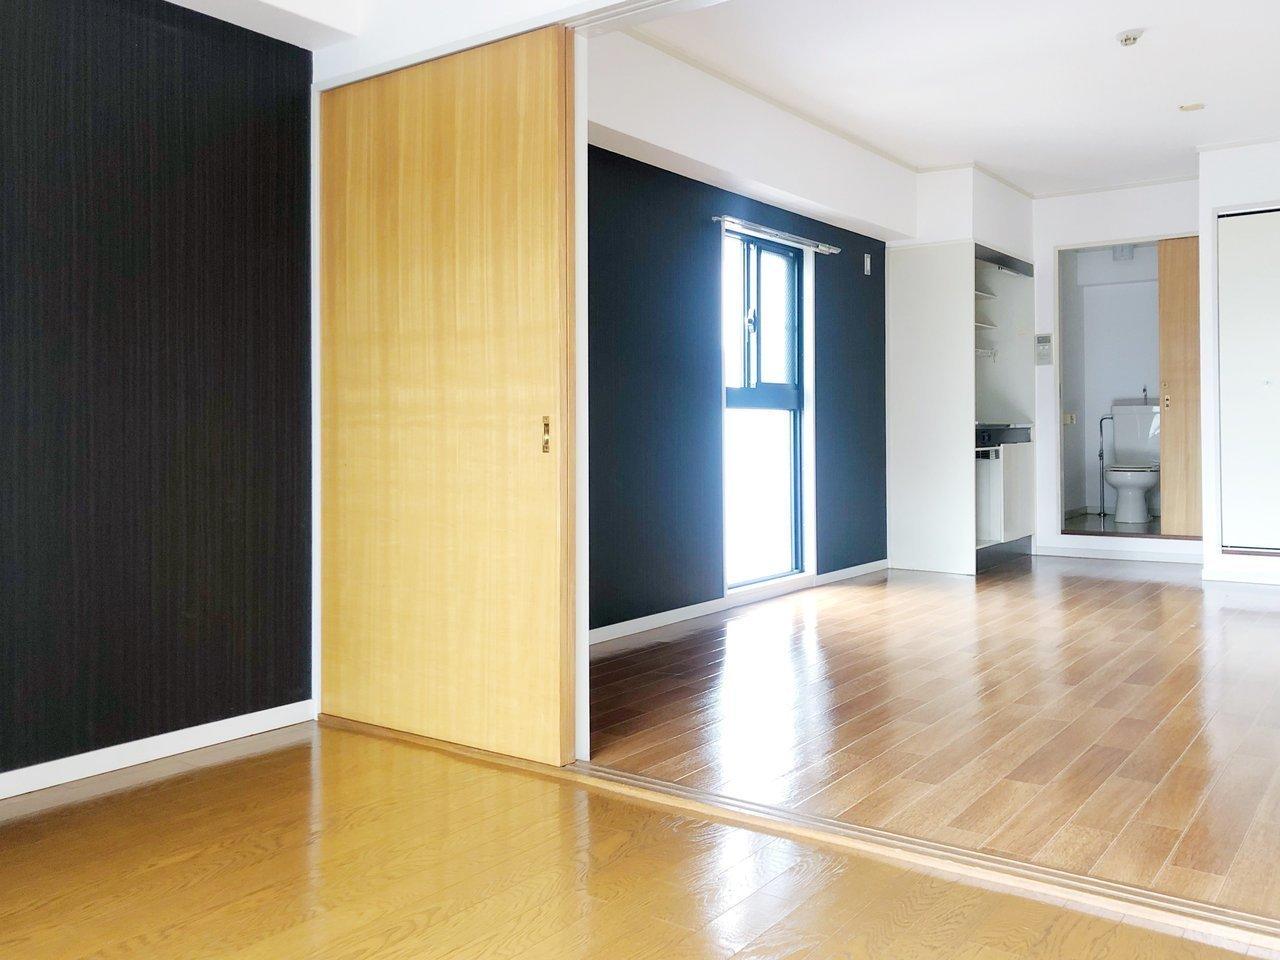 ブラックカラーの壁紙が大人っぽい雰囲気の1LDKです